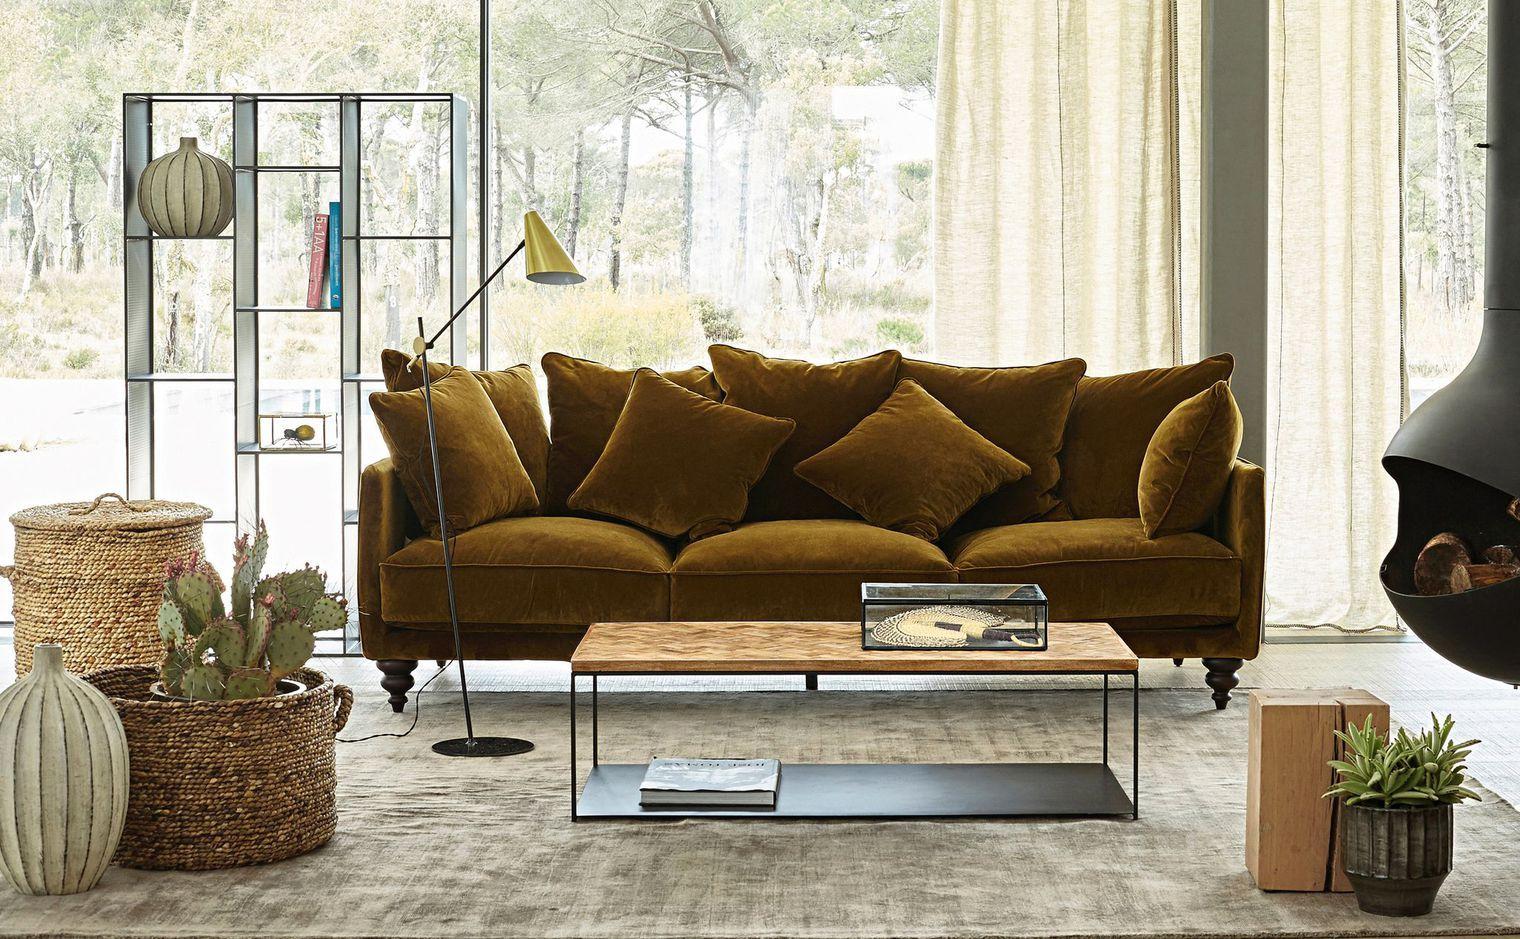 Resultat De Recherche D Images Pour Salon Scandinave Et Industriel Mur Kaki Canape Velours Sofa En Velours Deco Maison